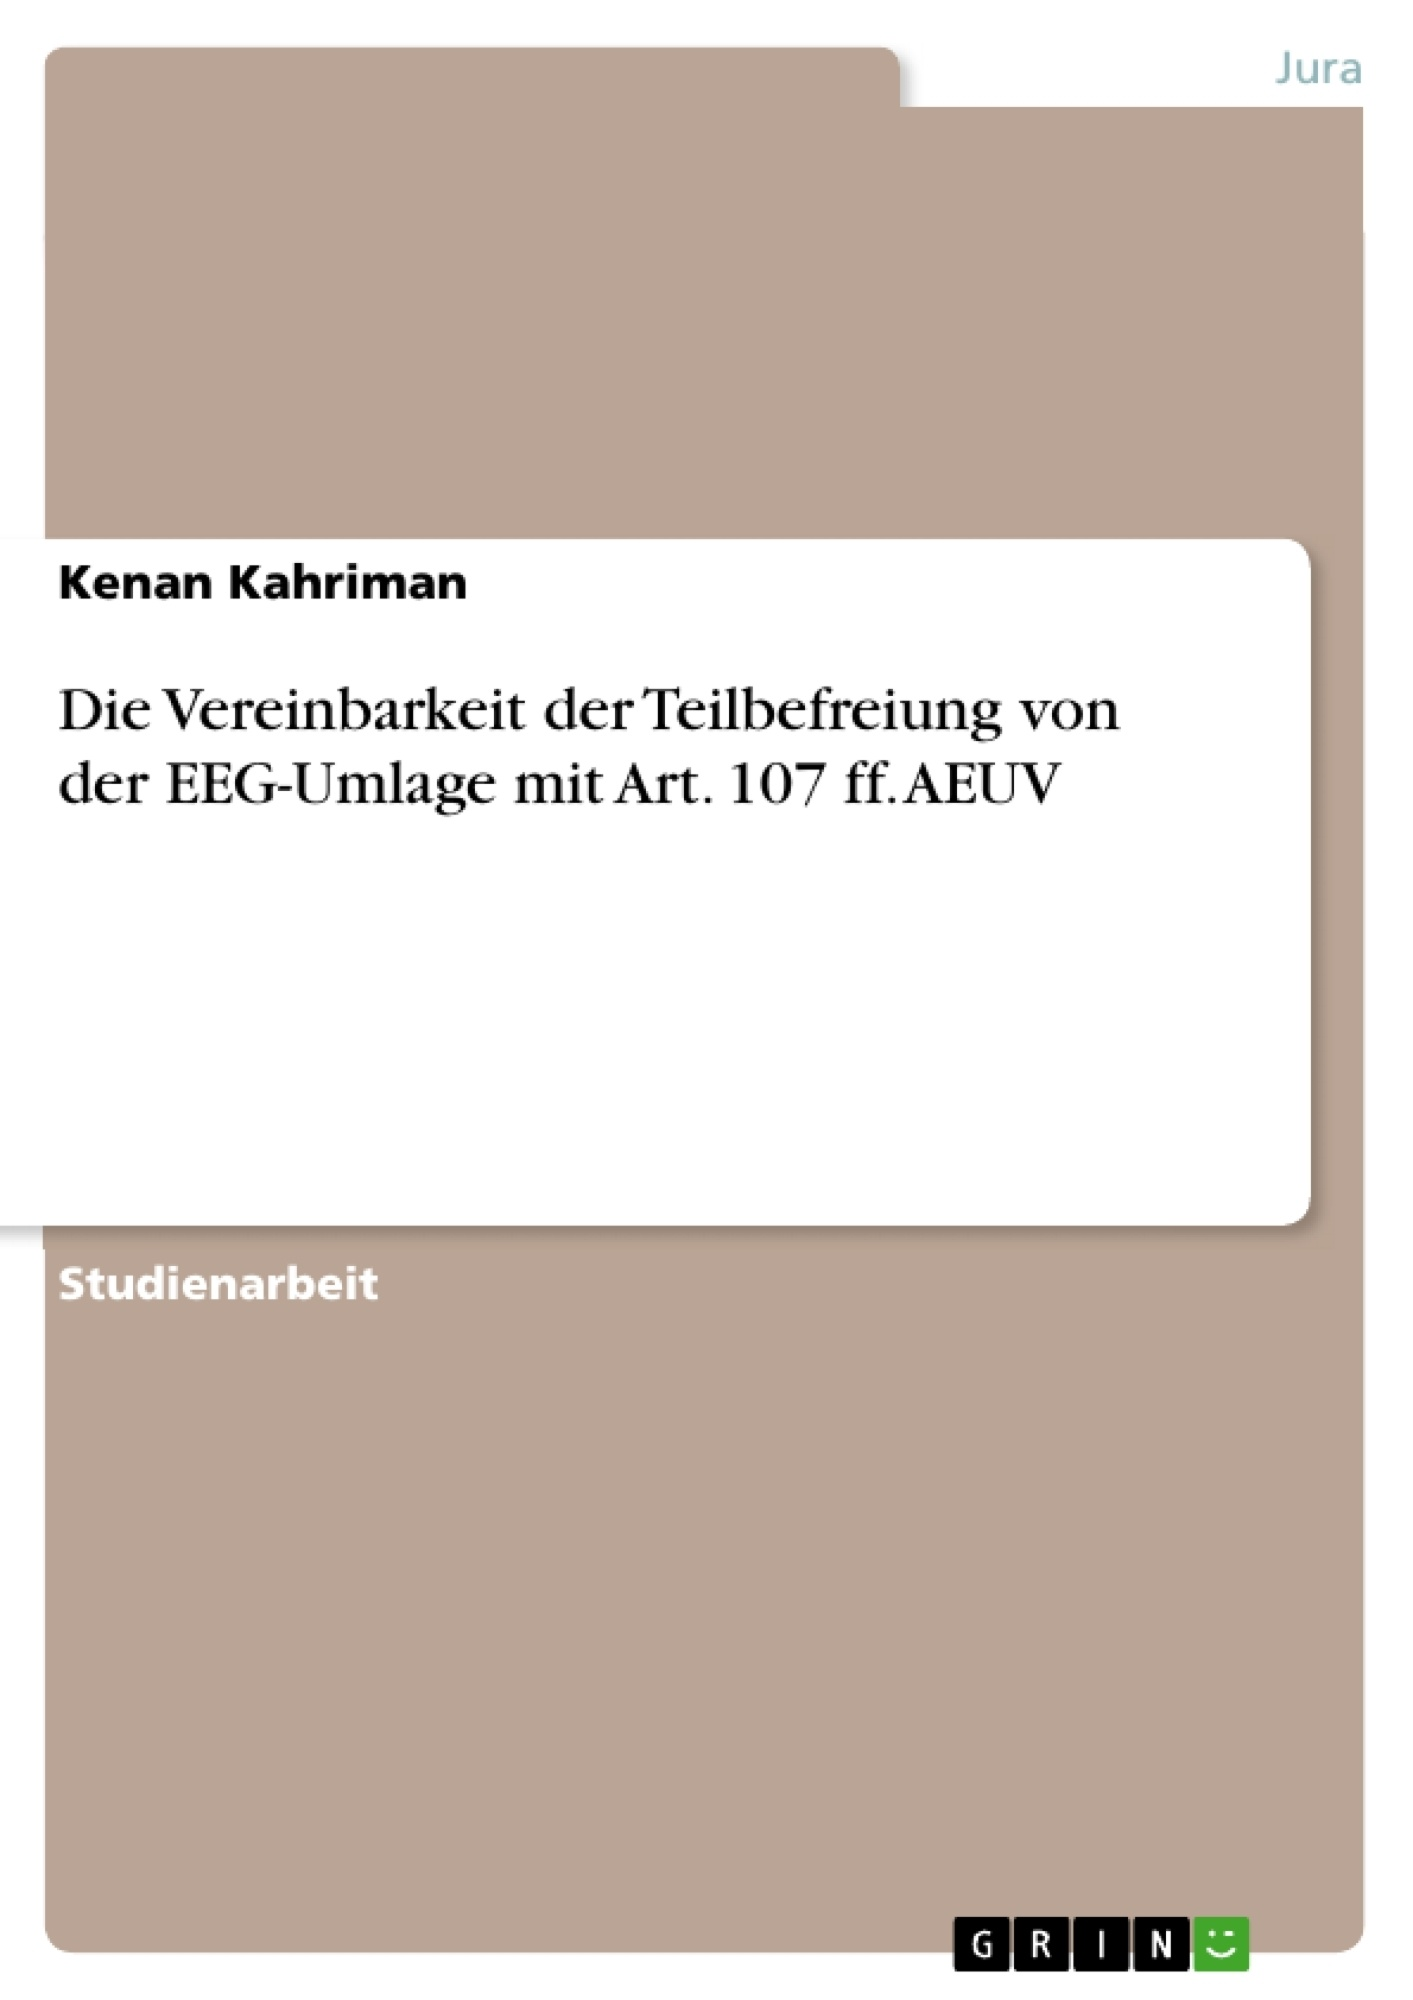 Titel: Die Vereinbarkeit der Teilbefreiung von der EEG-Umlage mit Art. 107 ff. AEUV